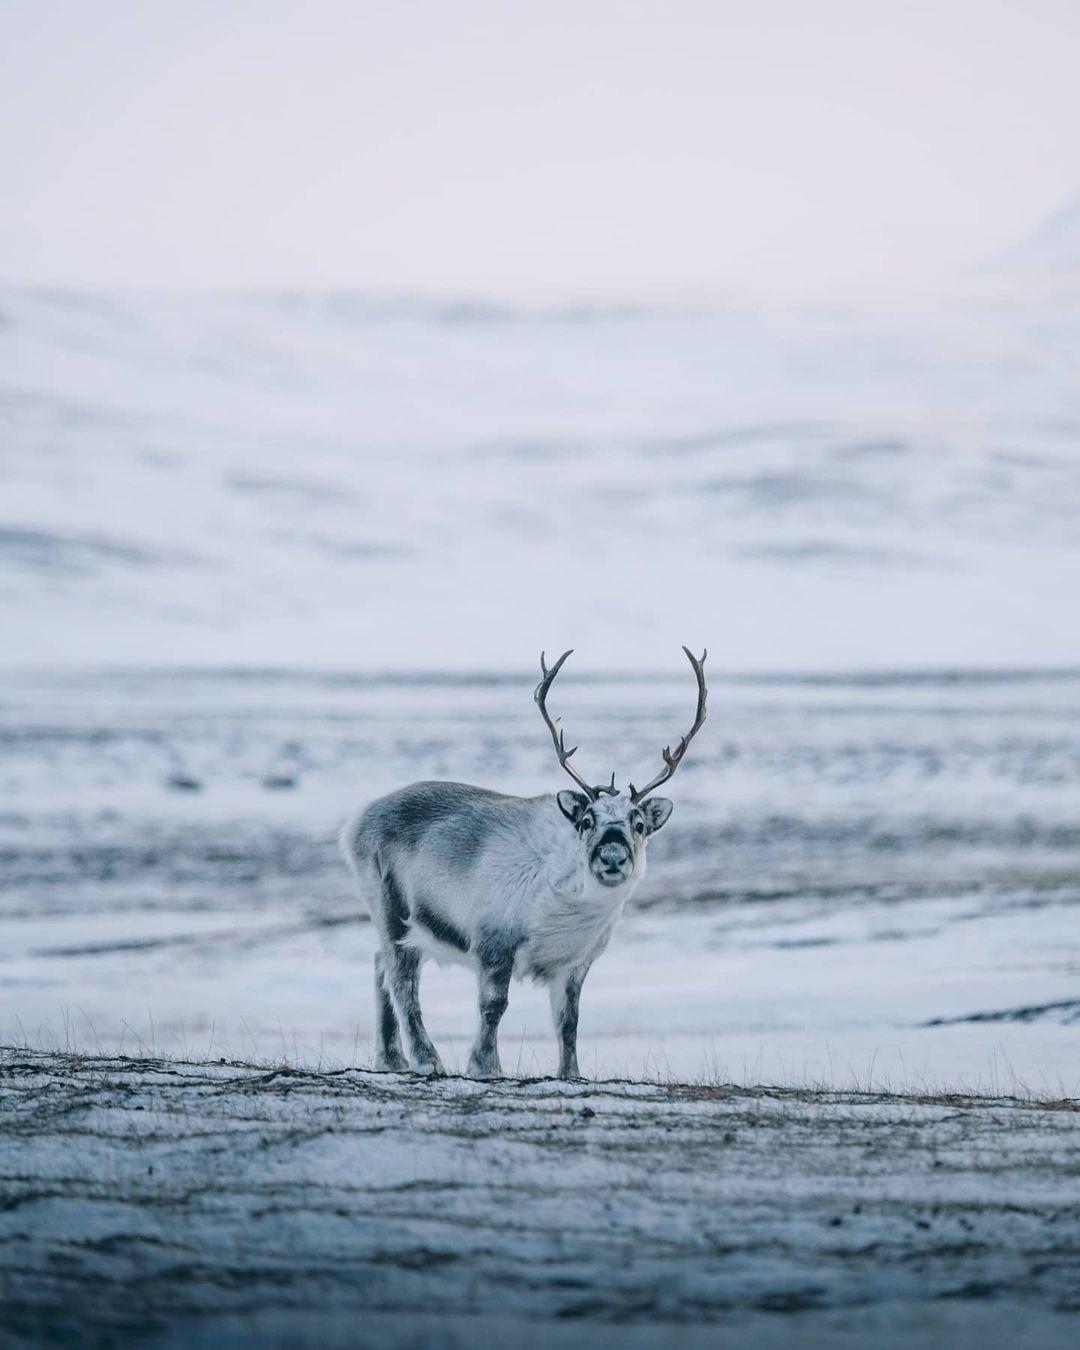 Зимние красоты Австрии и Норвегии на снимках Себастьяна Шейхла